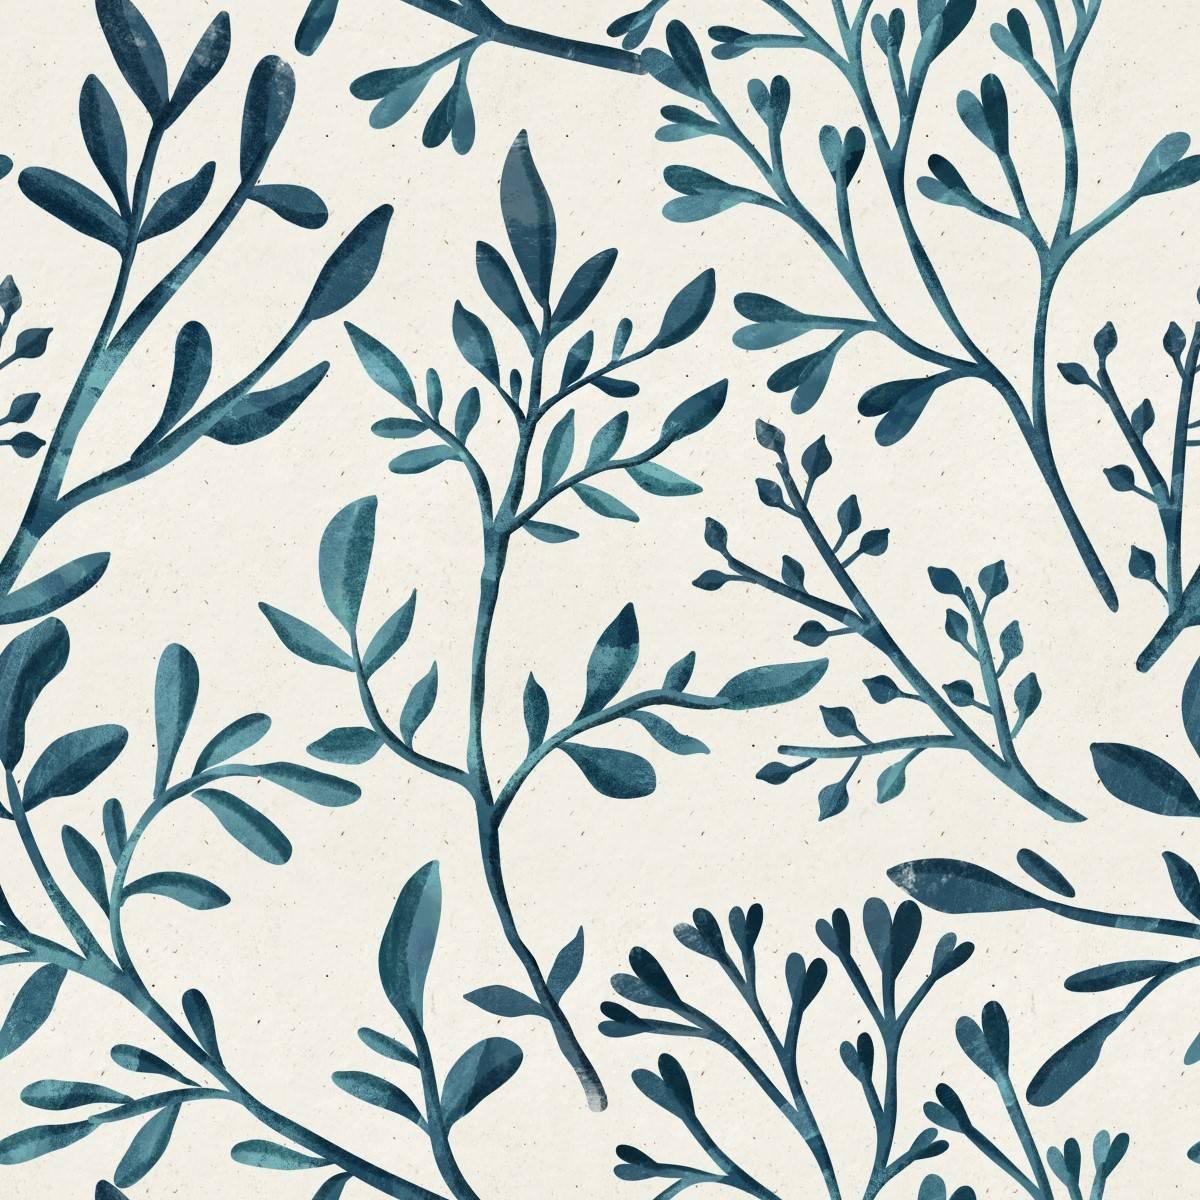 Papel de Parede Ramo Azul | Adesivo Vinílico imagem 1